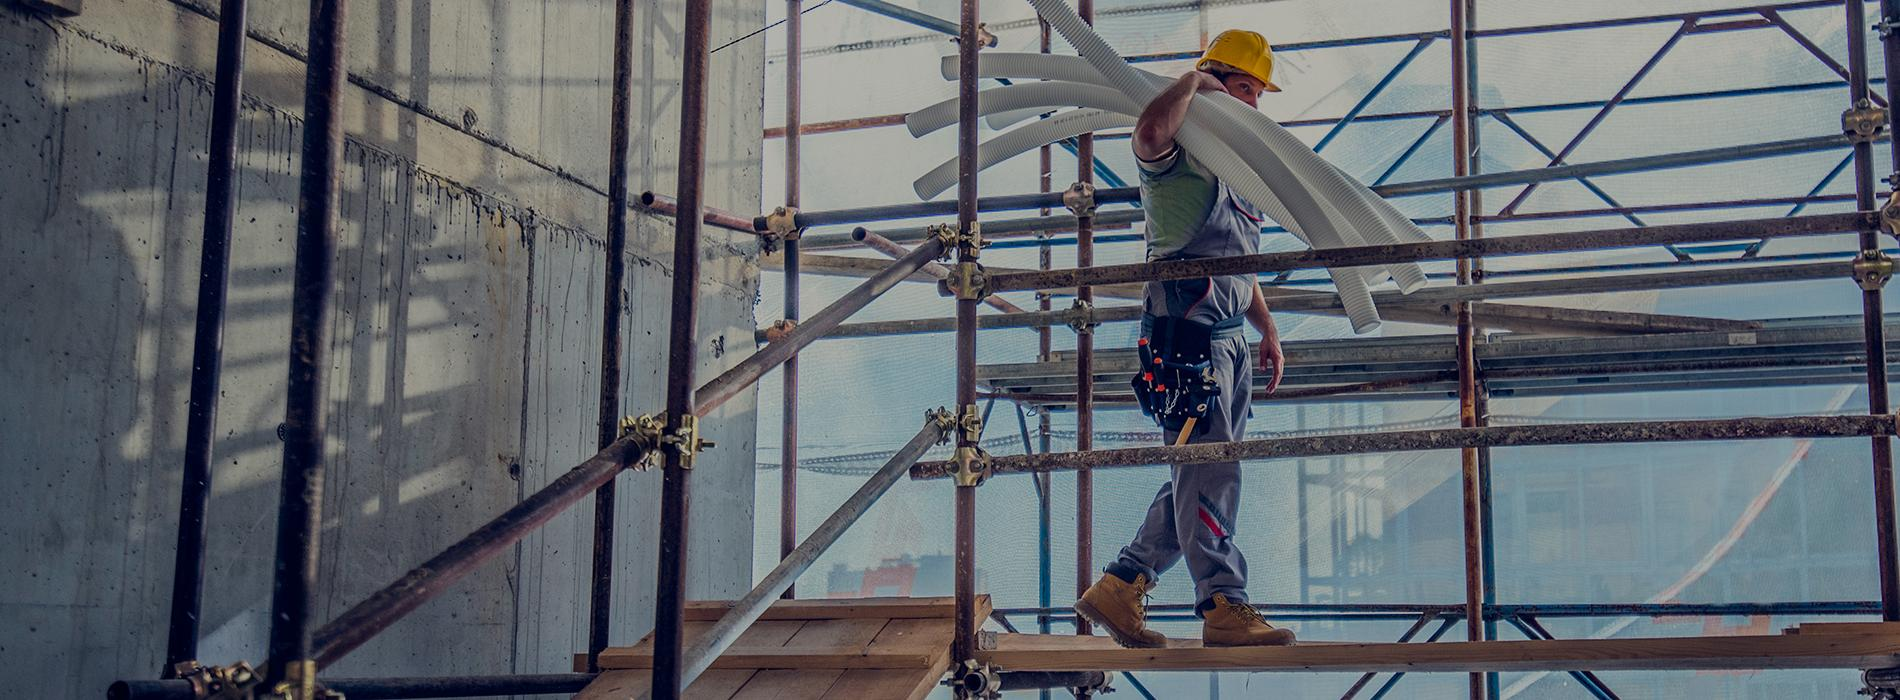 Craftman toimittaa työntekijöitä rakennusalan ja teollisuuden tarpeisiin vaivattomasti